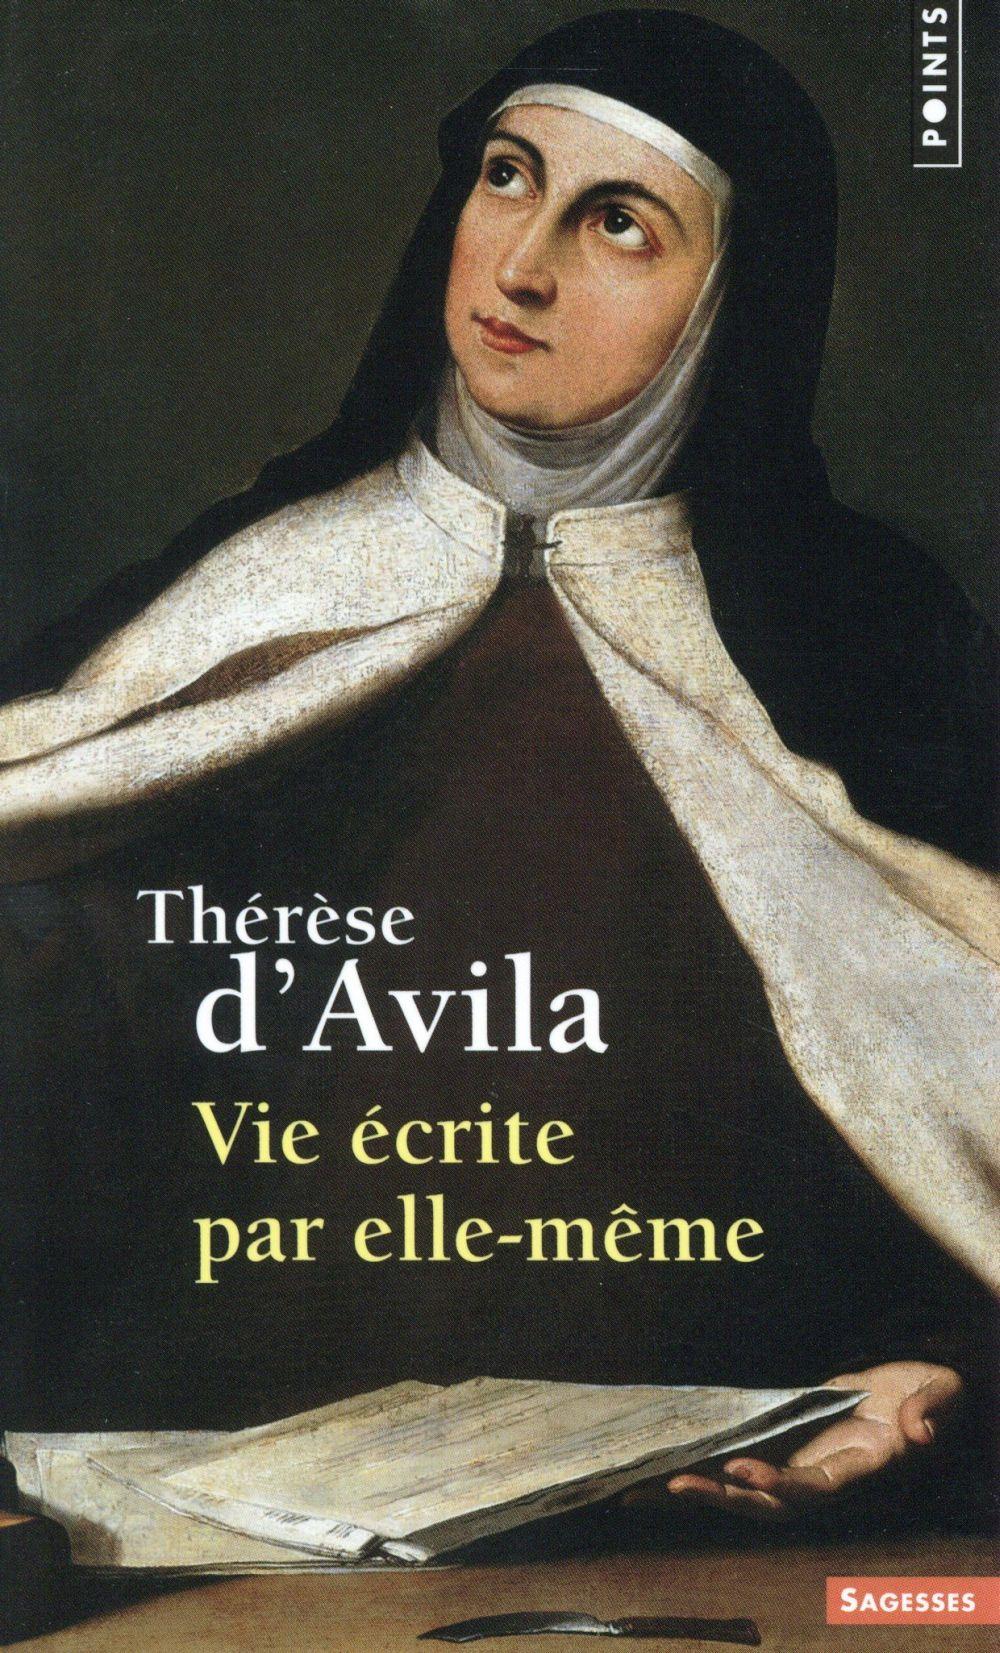 VIE ECRITE PAR ELLE-MEME Thérèse d'Avila Points